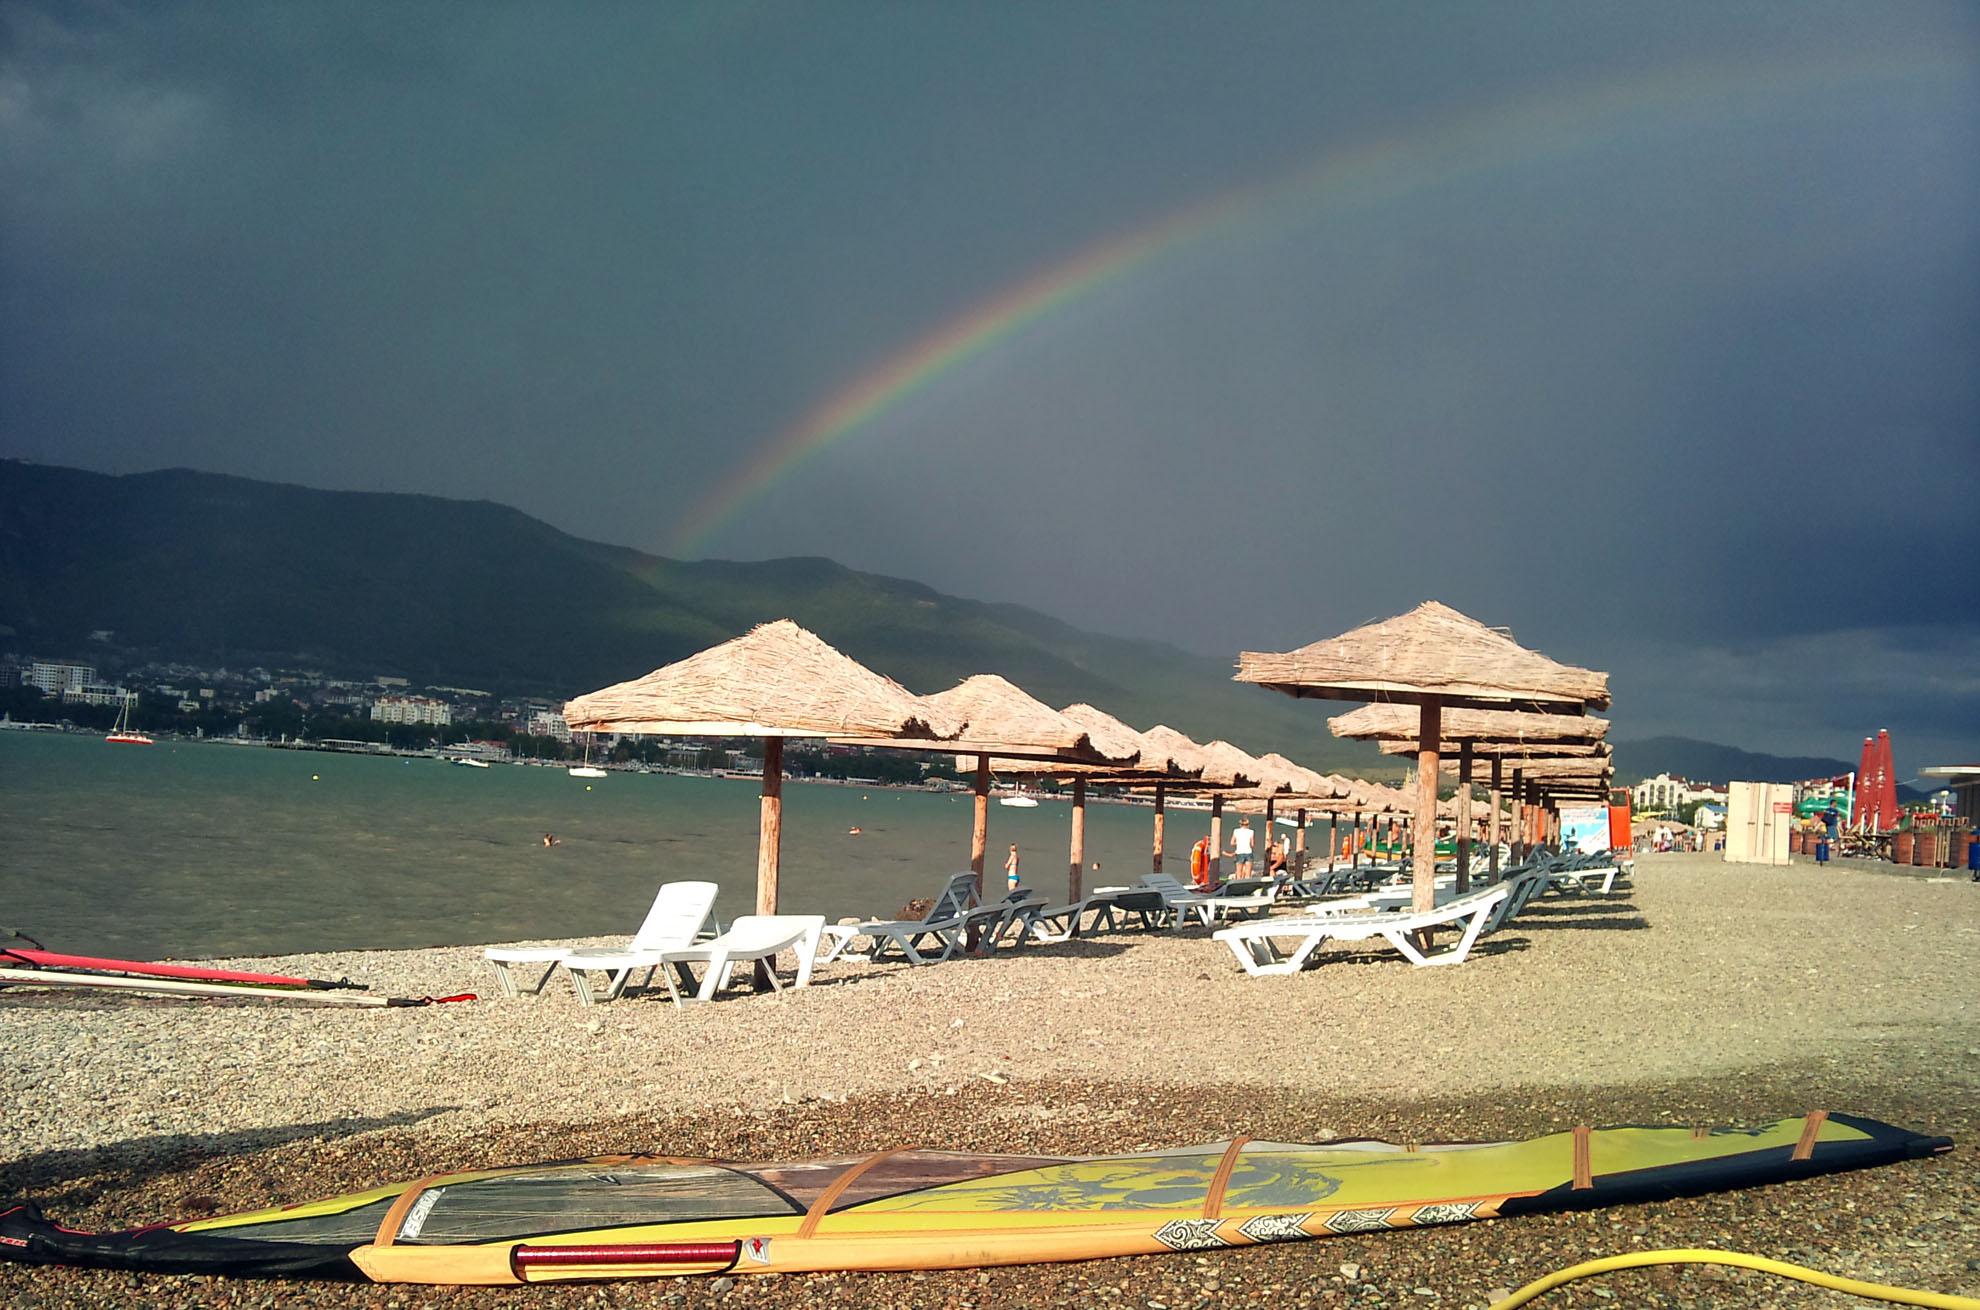 Геленджик в августе - что взять и что делать: отдых, погода, отзывы 36